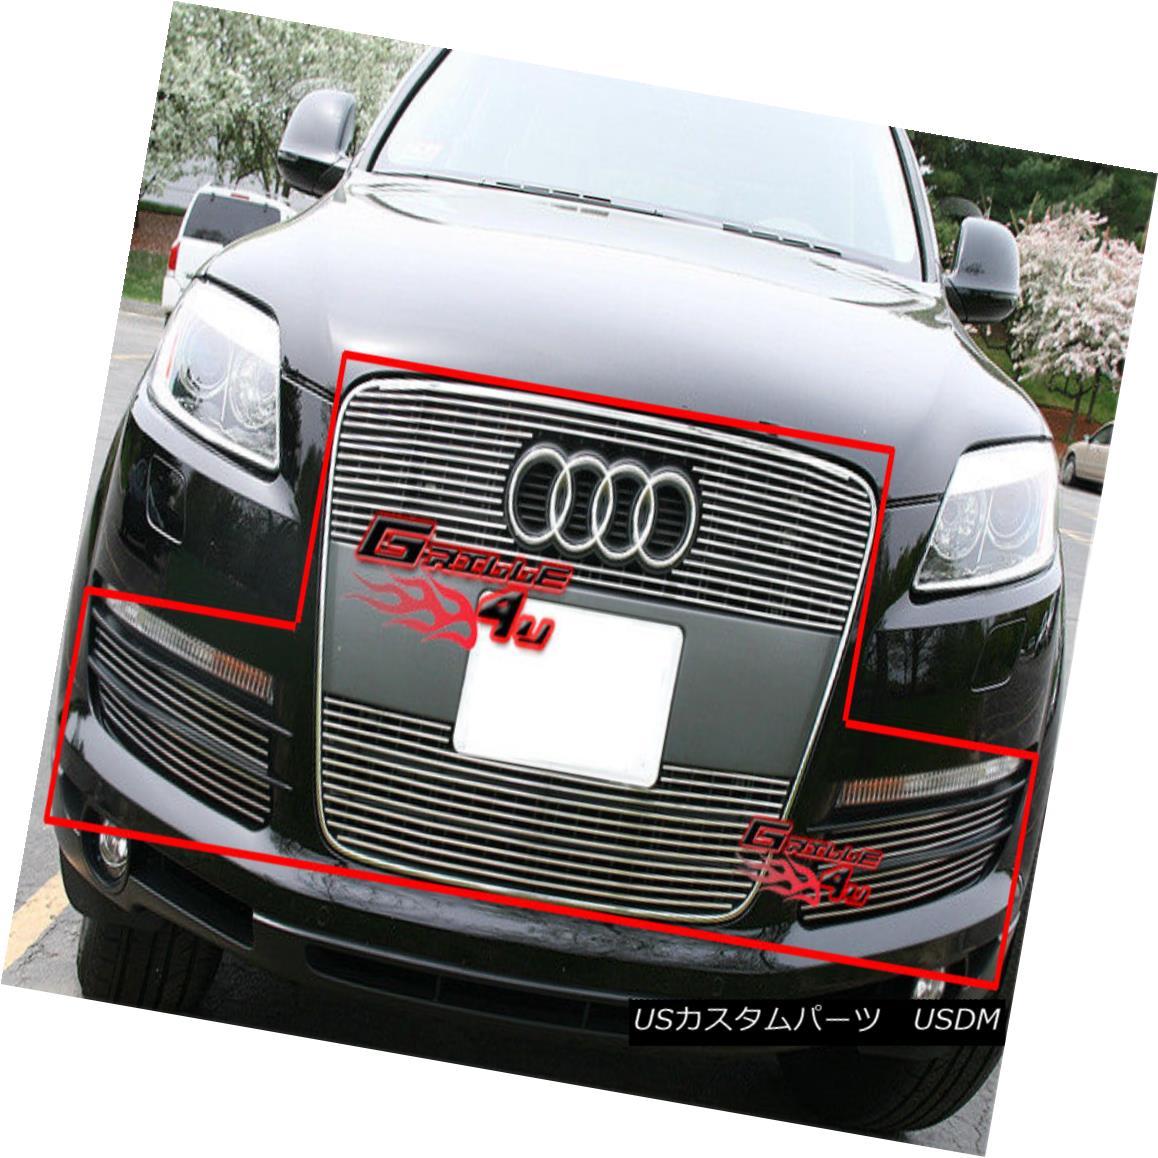 グリル For 07-11 2011 Audi Q7 Billet Grille Combo Insert 2011年7月11日、Audi Q7ビレットグリルコンボインサート